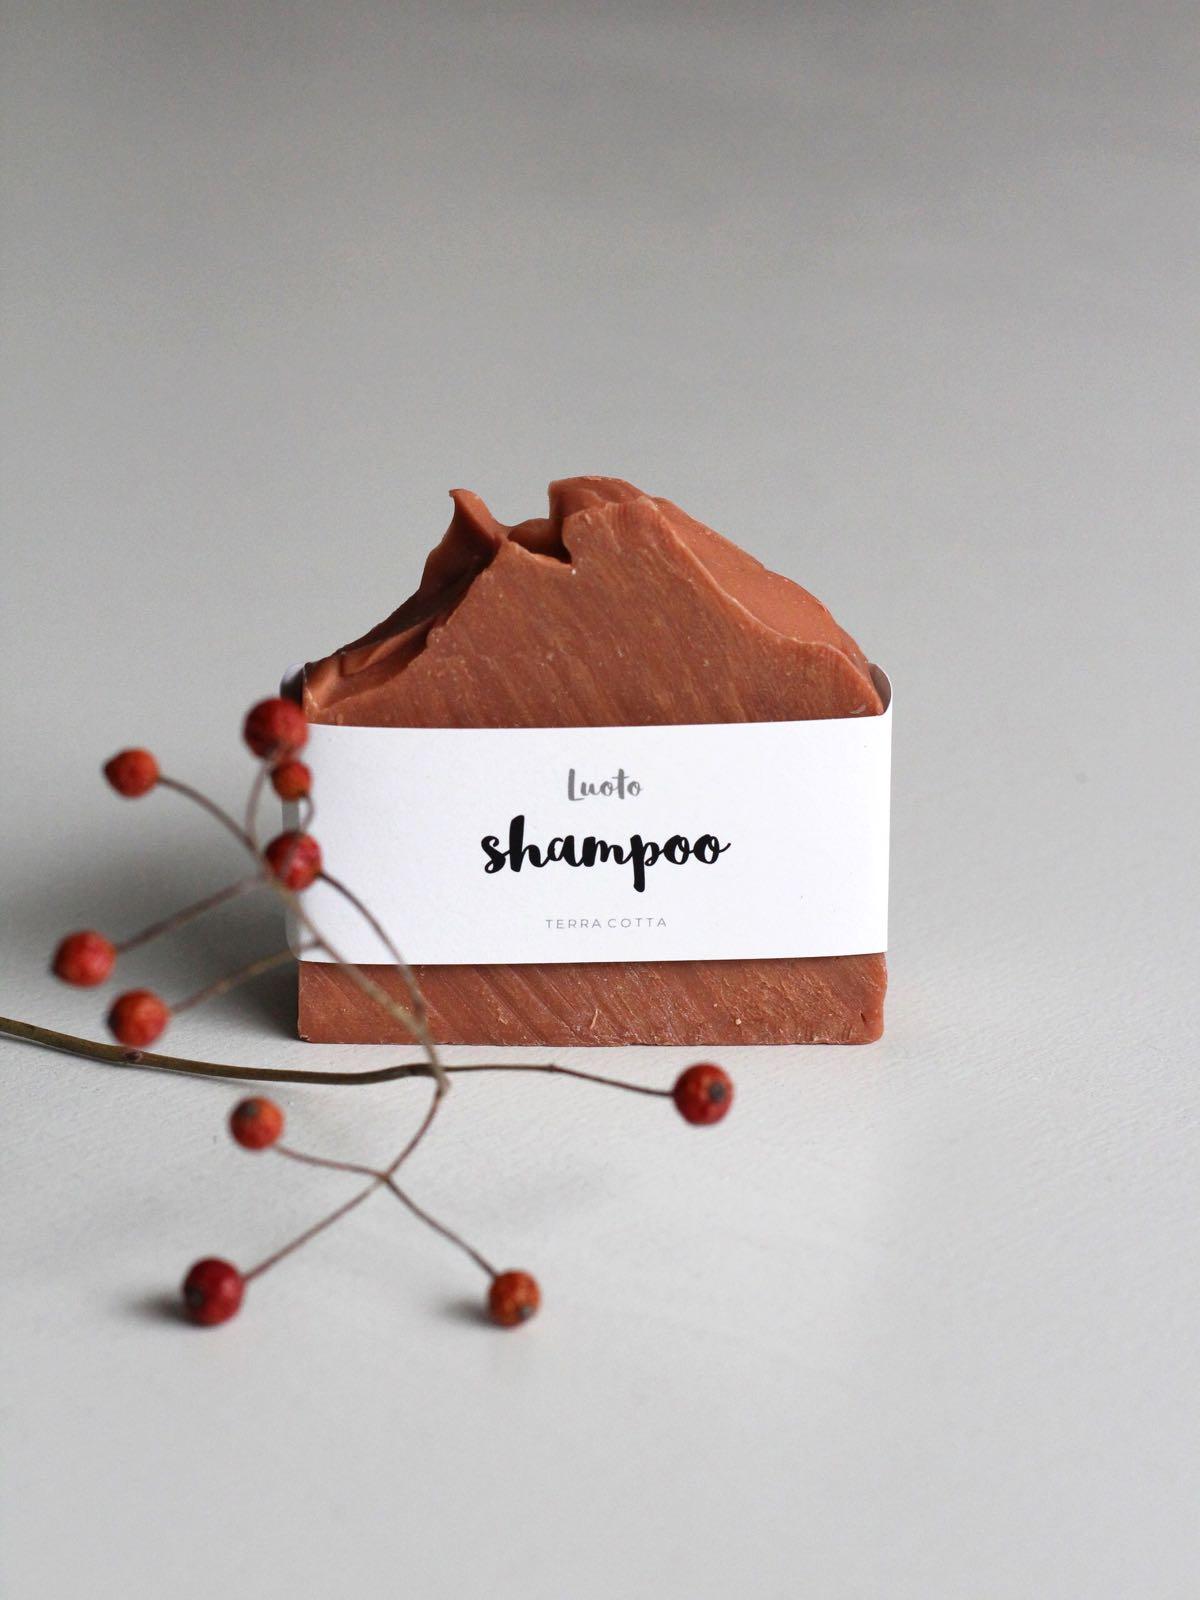 Luoto palashampoo